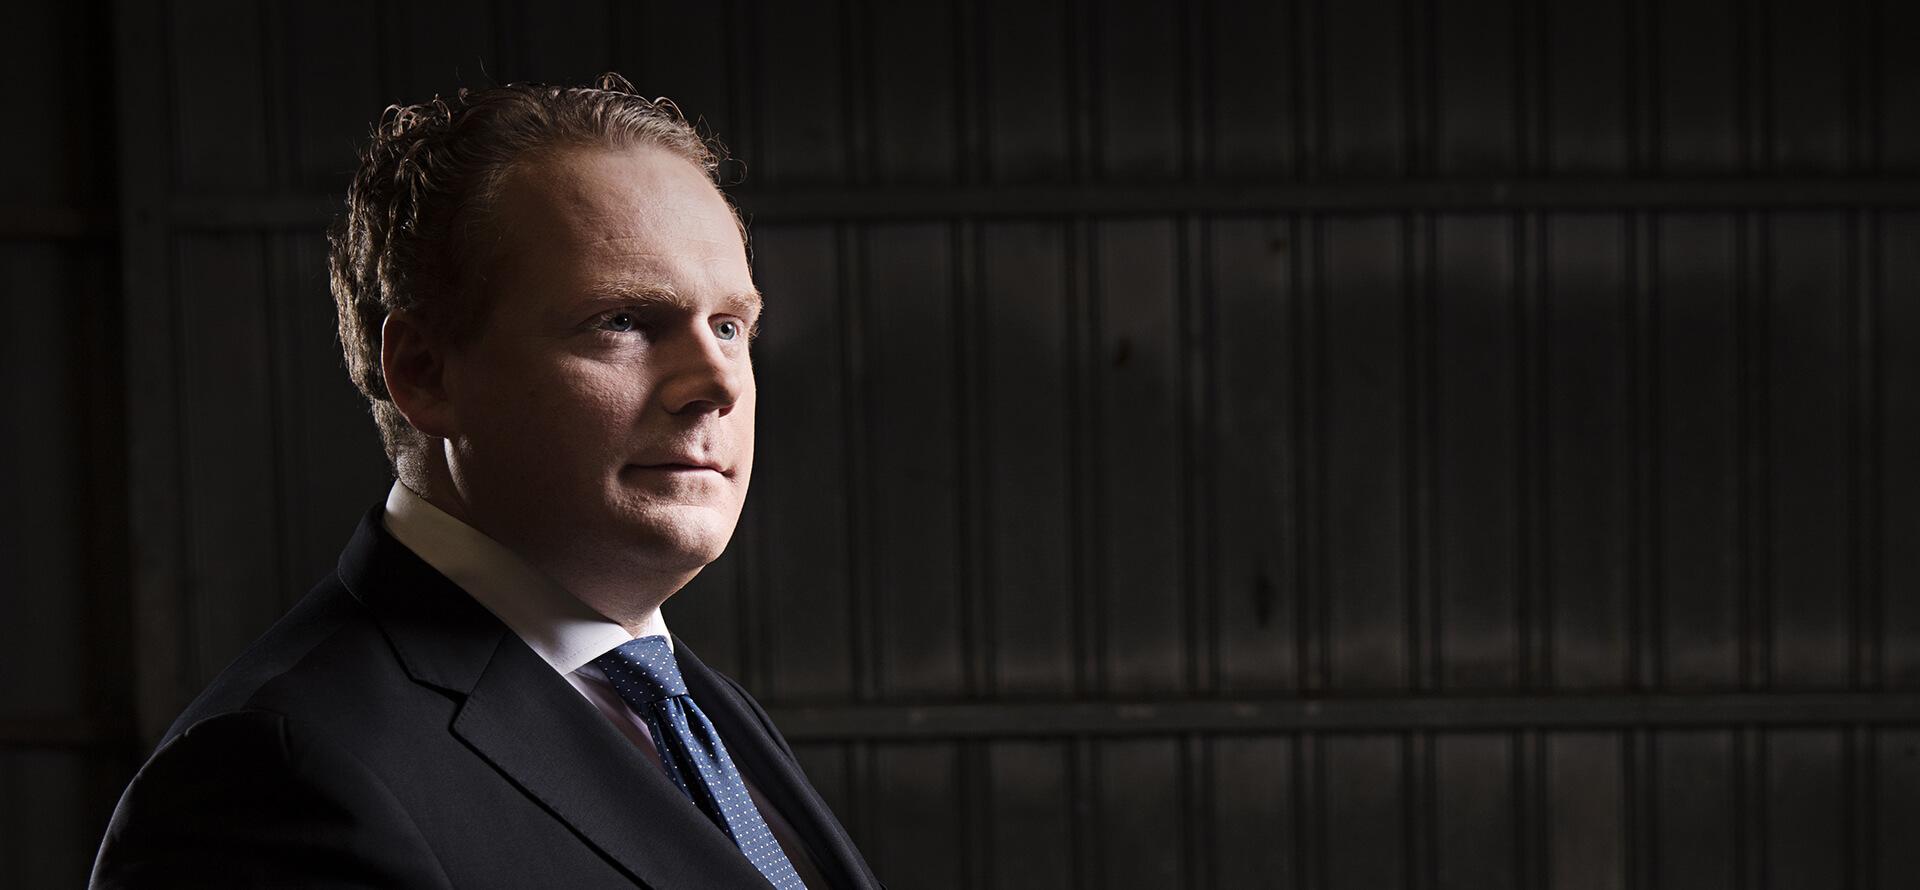 Michael R. Fausel, Rechtsanwalt, Dipl.-Verwaltungswirt, Partner von Bluedex Kanzlei in Frankfurt am Main